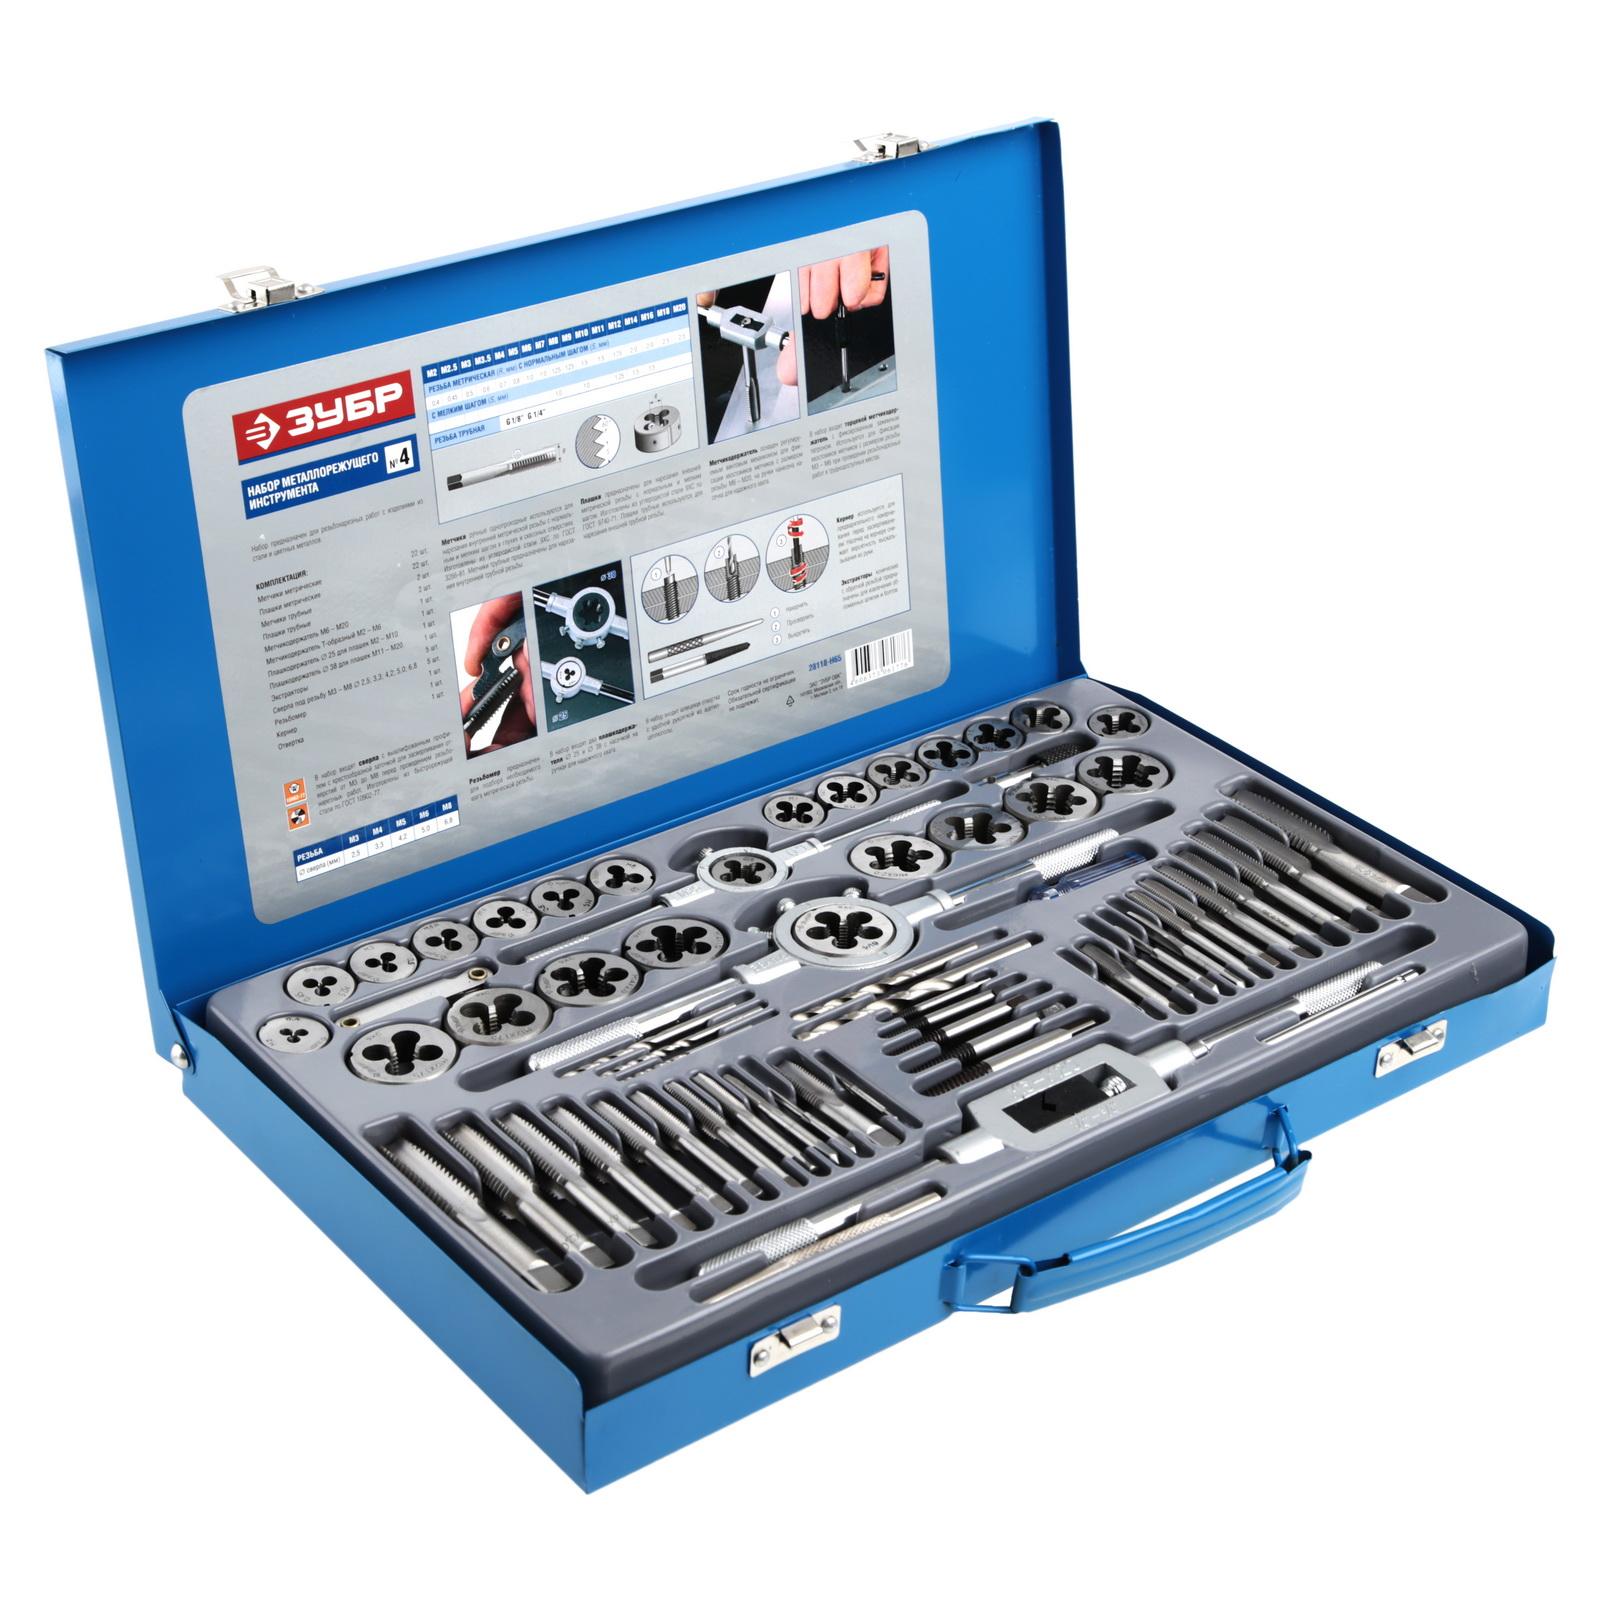 Купить Набор инструментов ЗУБР 28118-h65, Китай